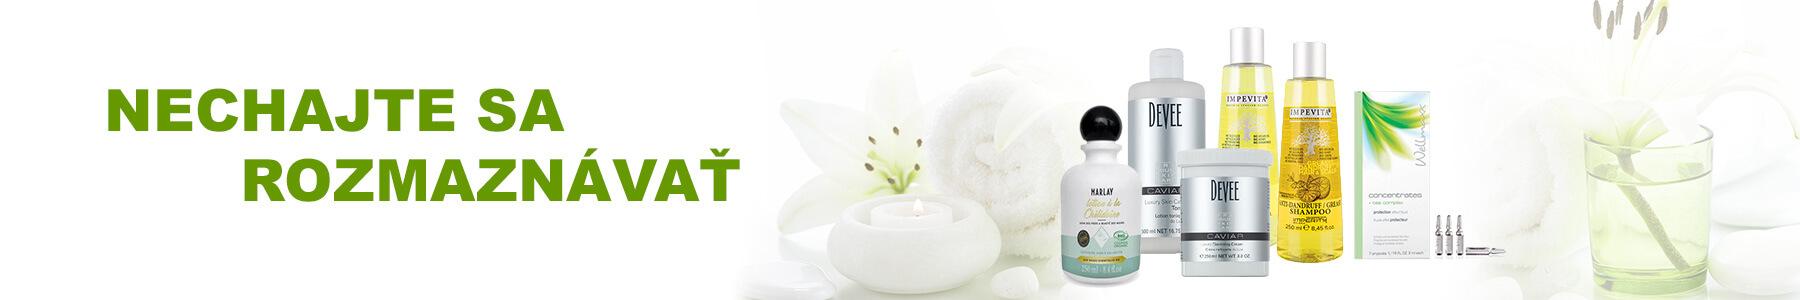 Výber kvalitnej kozmetiky pre všetky vekové kategórie